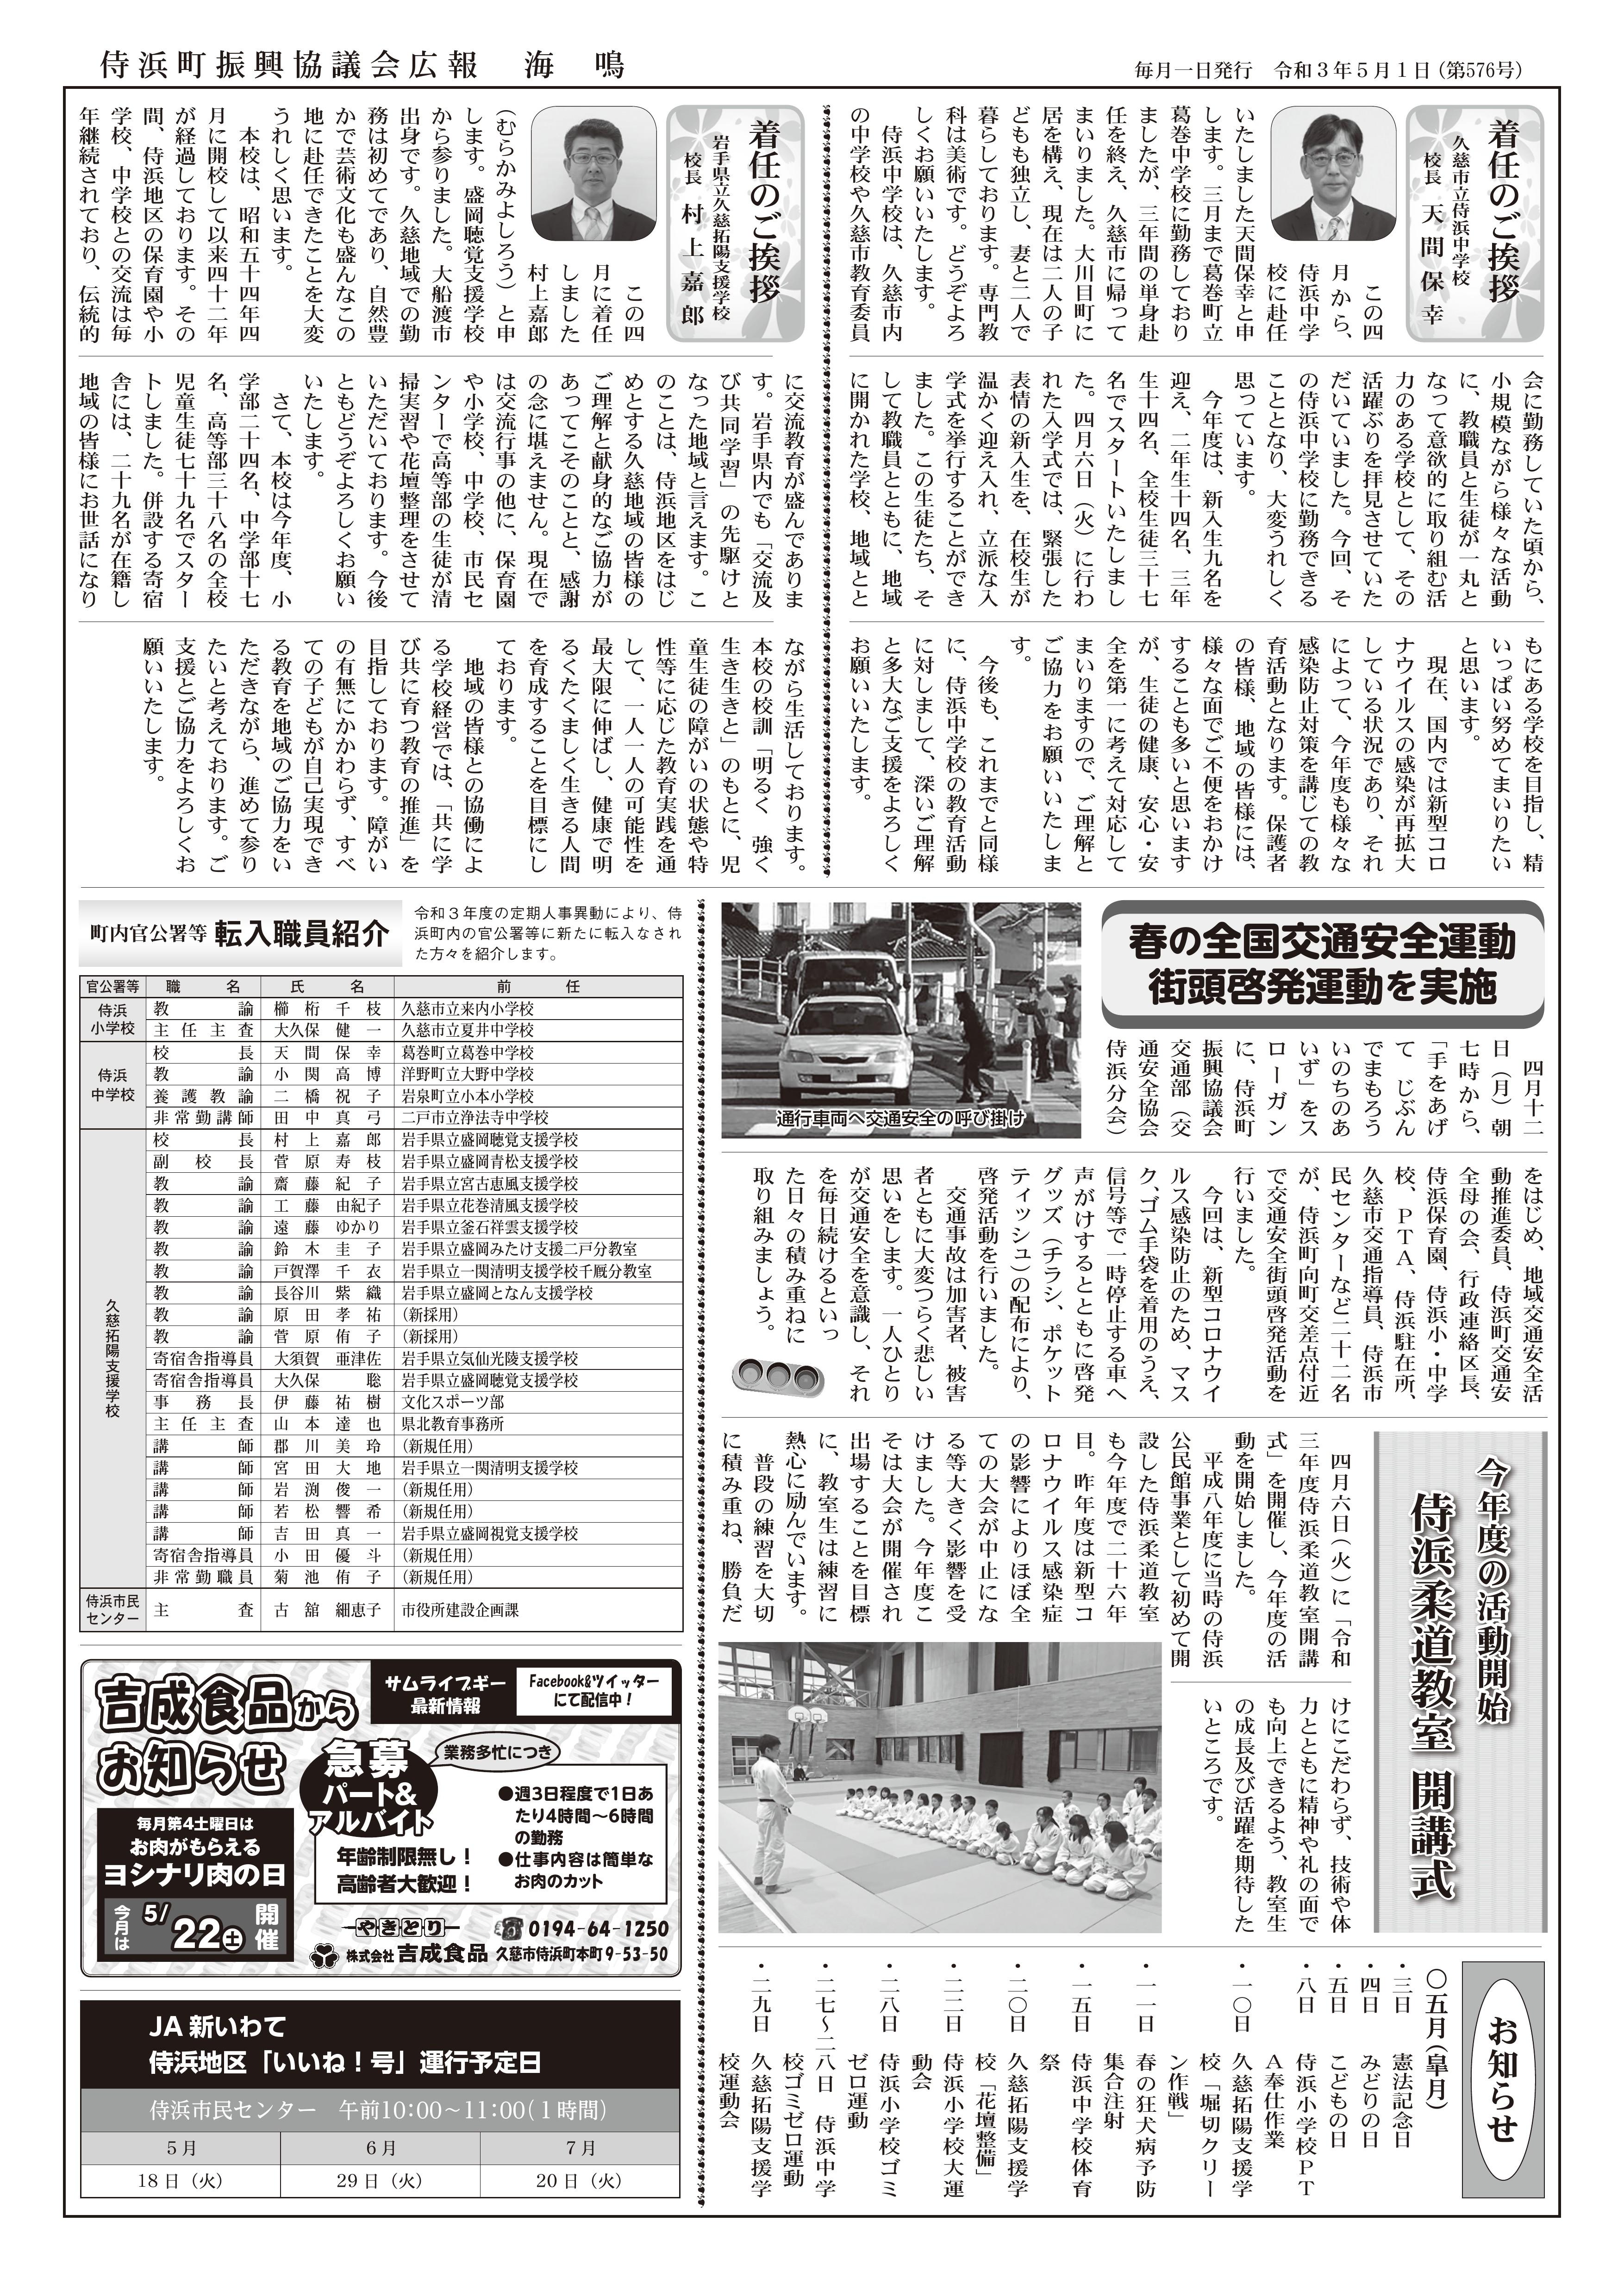 侍浜市民センターだより(令和3年5月1日)2ページ